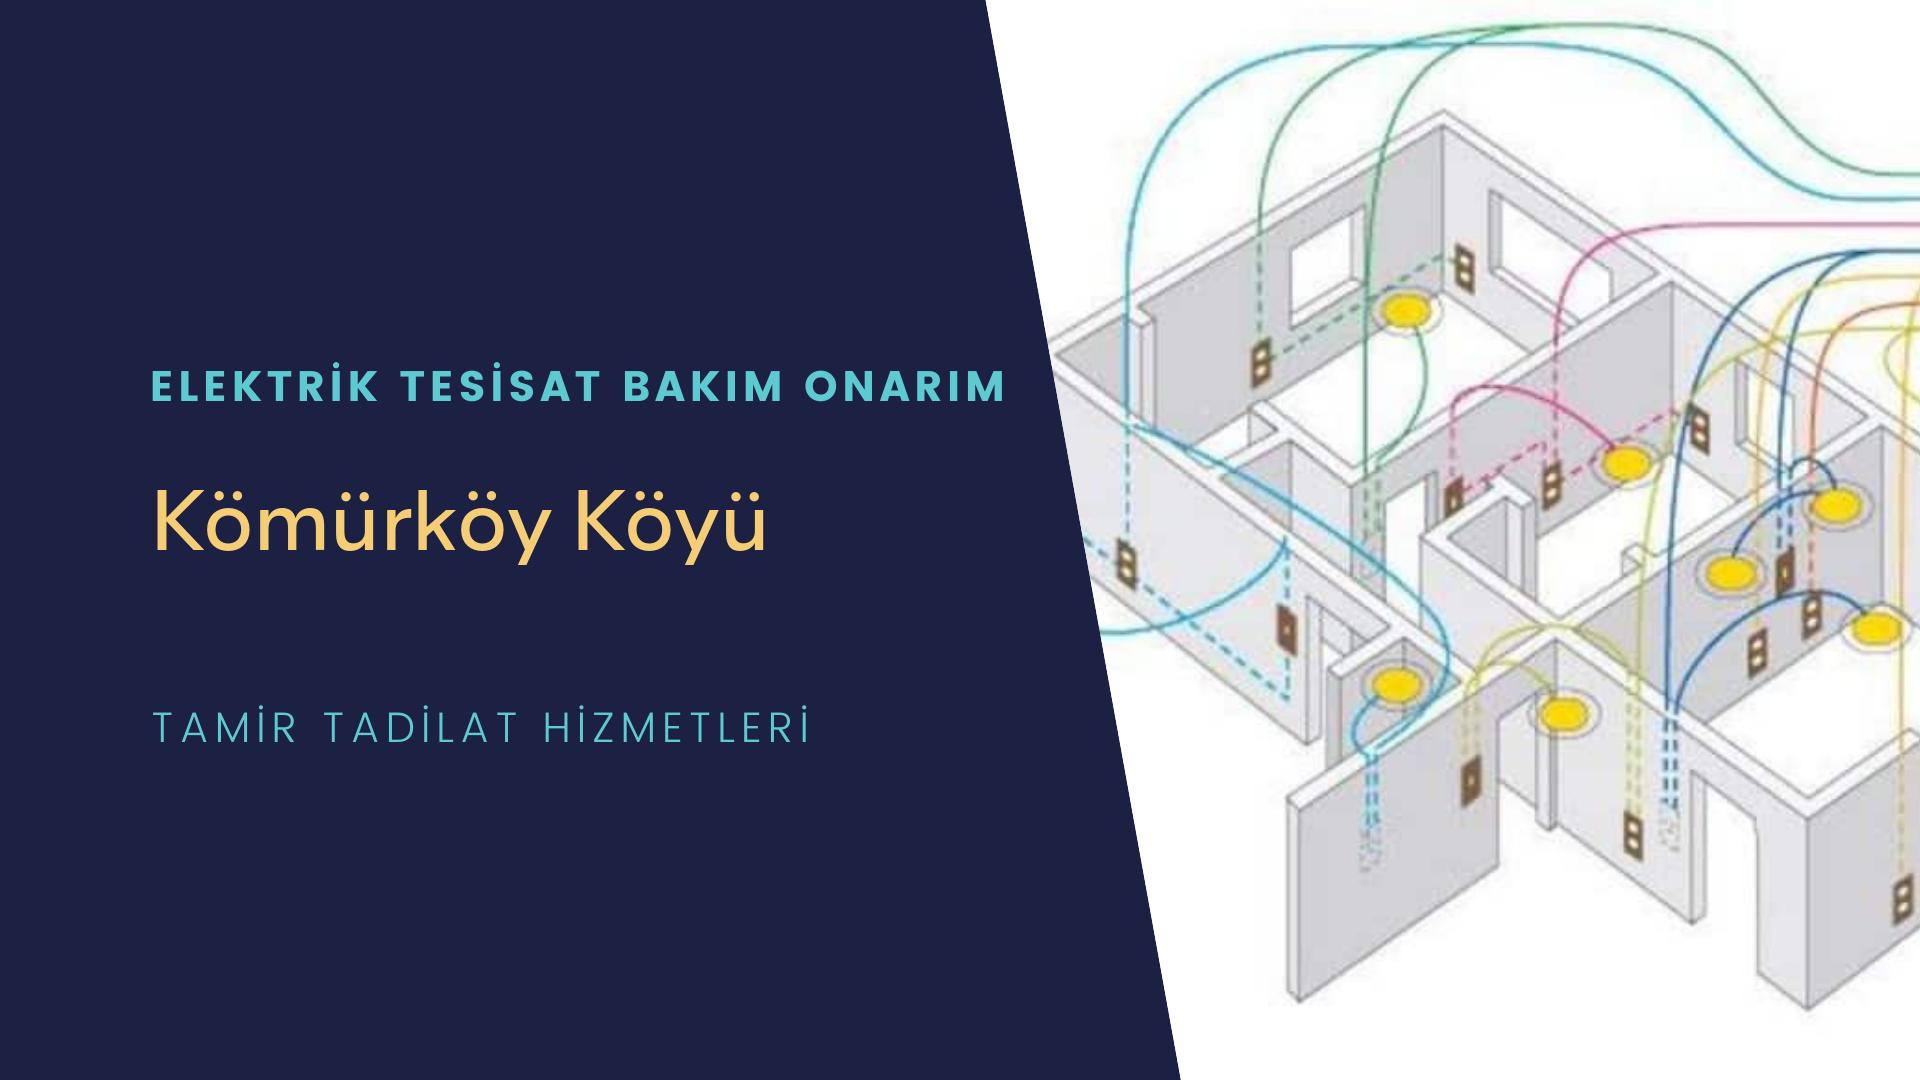 Kömürköy Köyü  elektrik tesisatıustalarımı arıyorsunuz doğru adrestenizi Kömürköy Köyü elektrik tesisatı ustalarımız 7/24 sizlere hizmet vermekten mutluluk duyar.